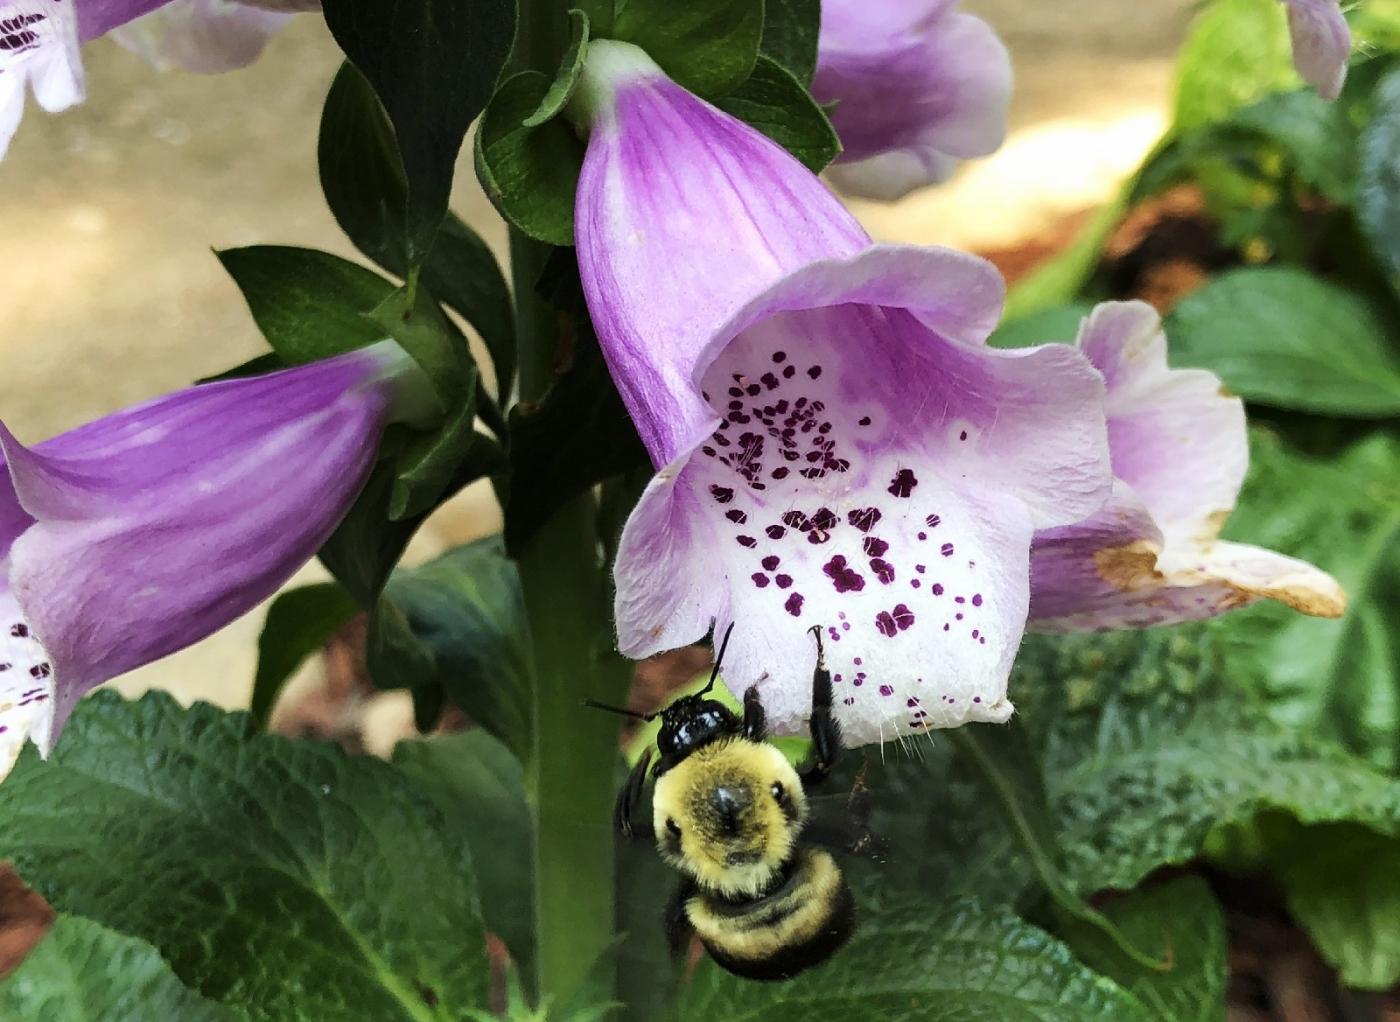 【田螺随拍】我今年种的蜂鸟喜欢吃的花都开了_图1-22